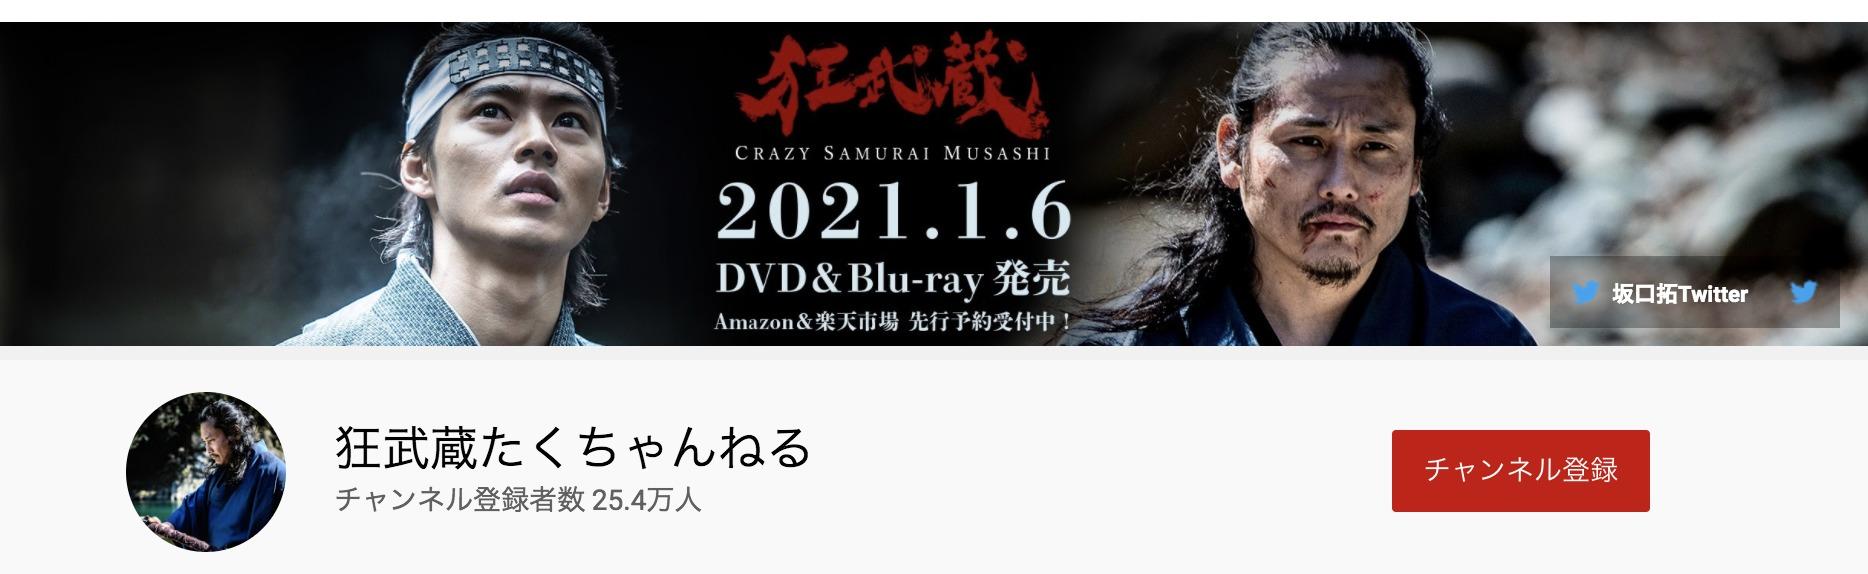 坂口拓さんのYouTube